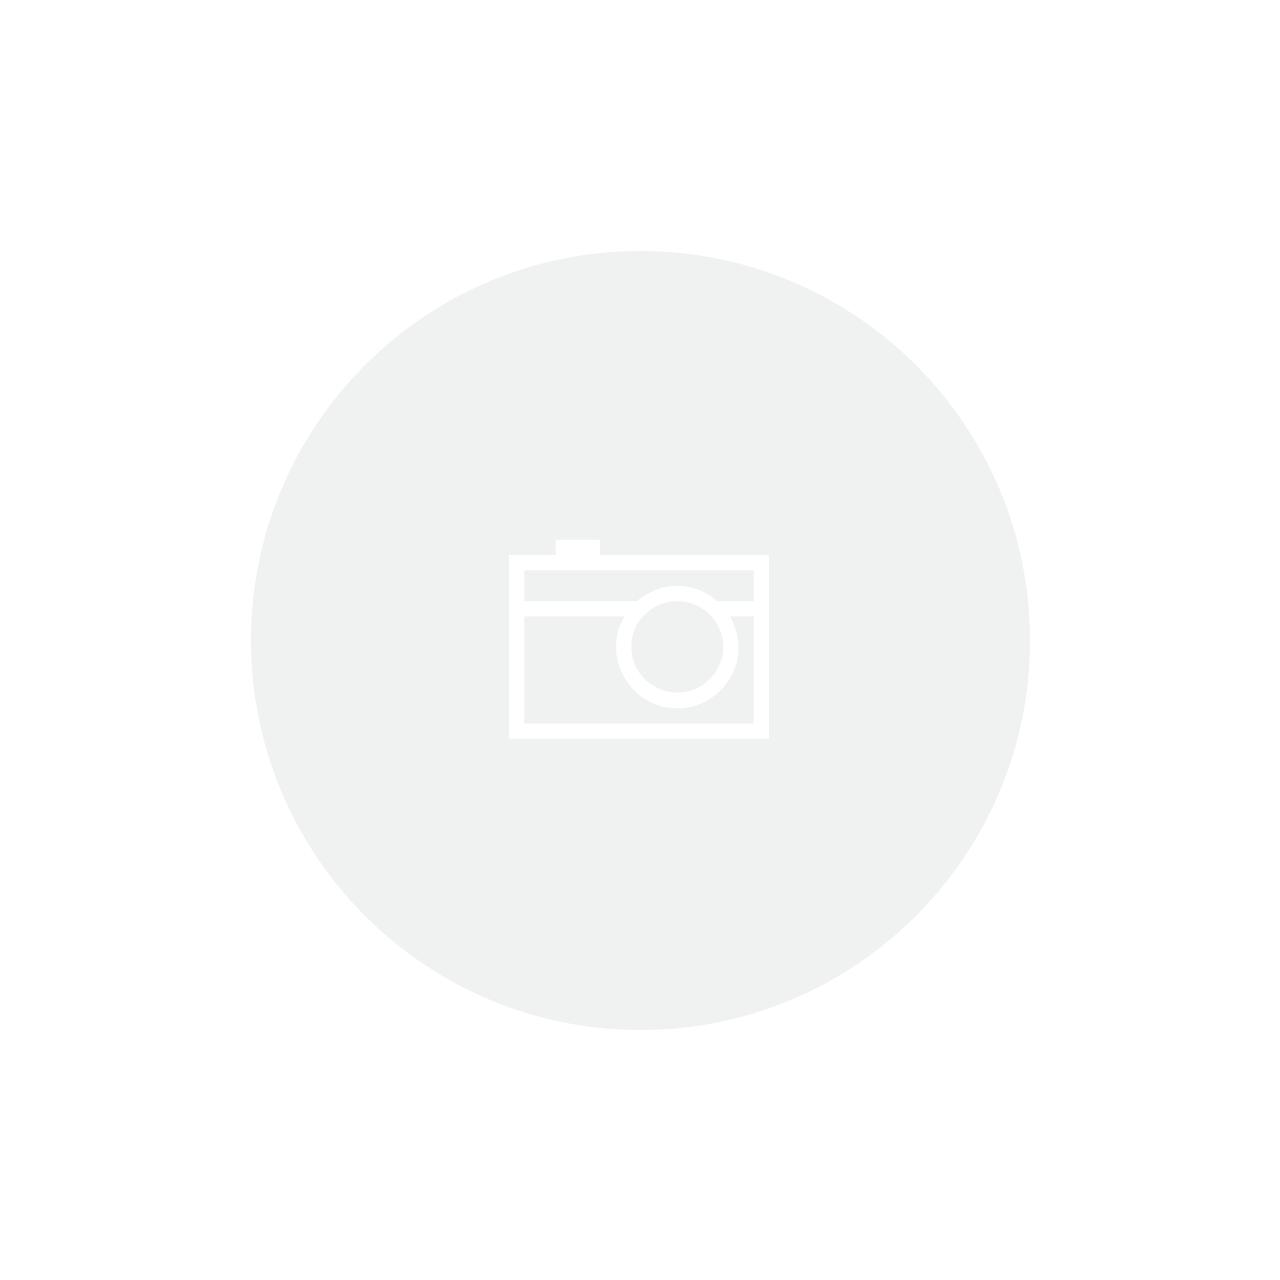 Bandeja de Zamac com Fundo Espelhado 35x18,5cm